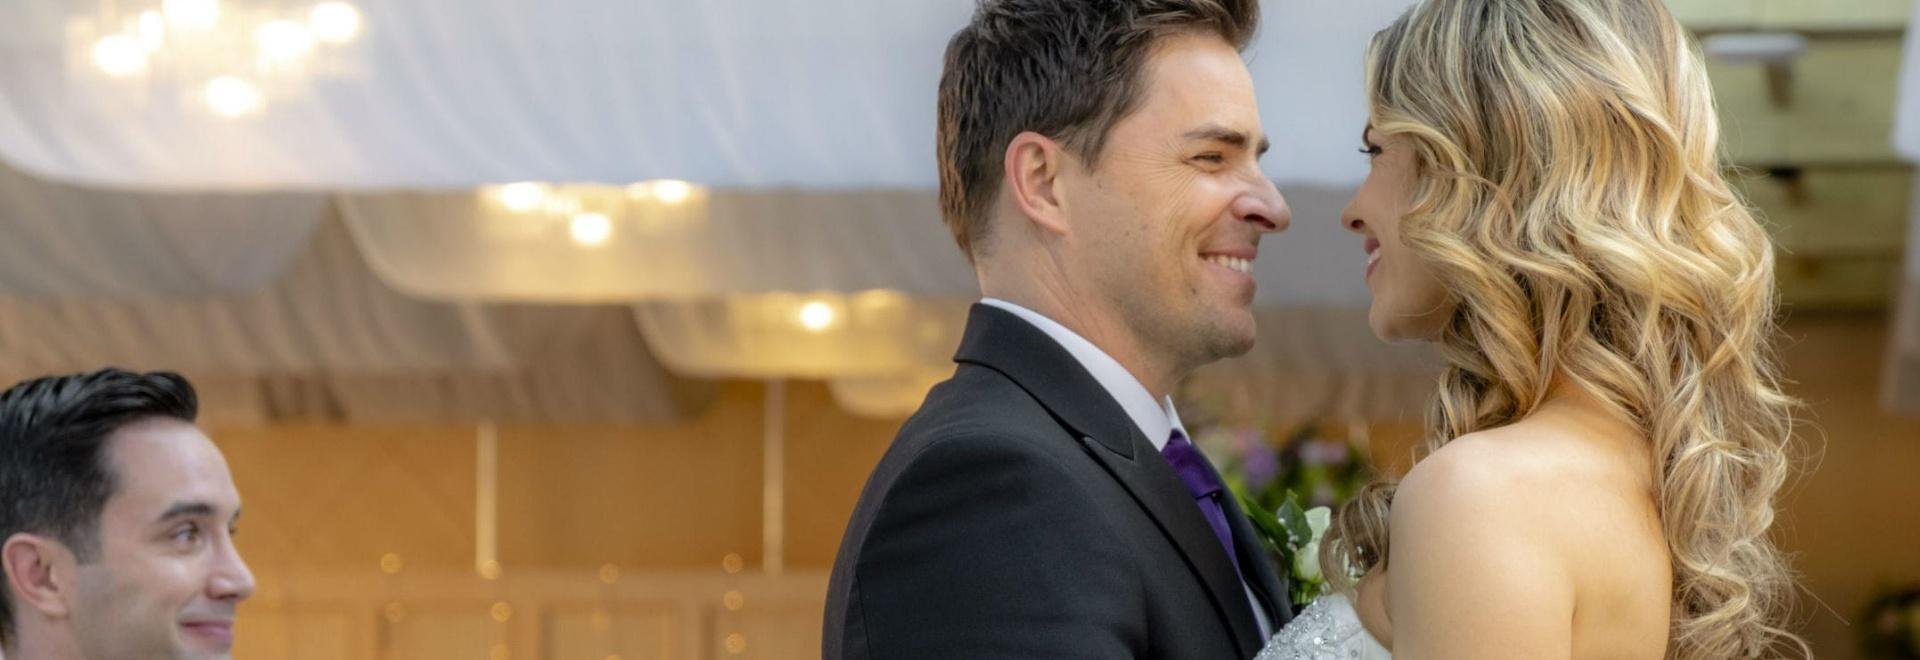 La sposa perfetta: il matrimonio